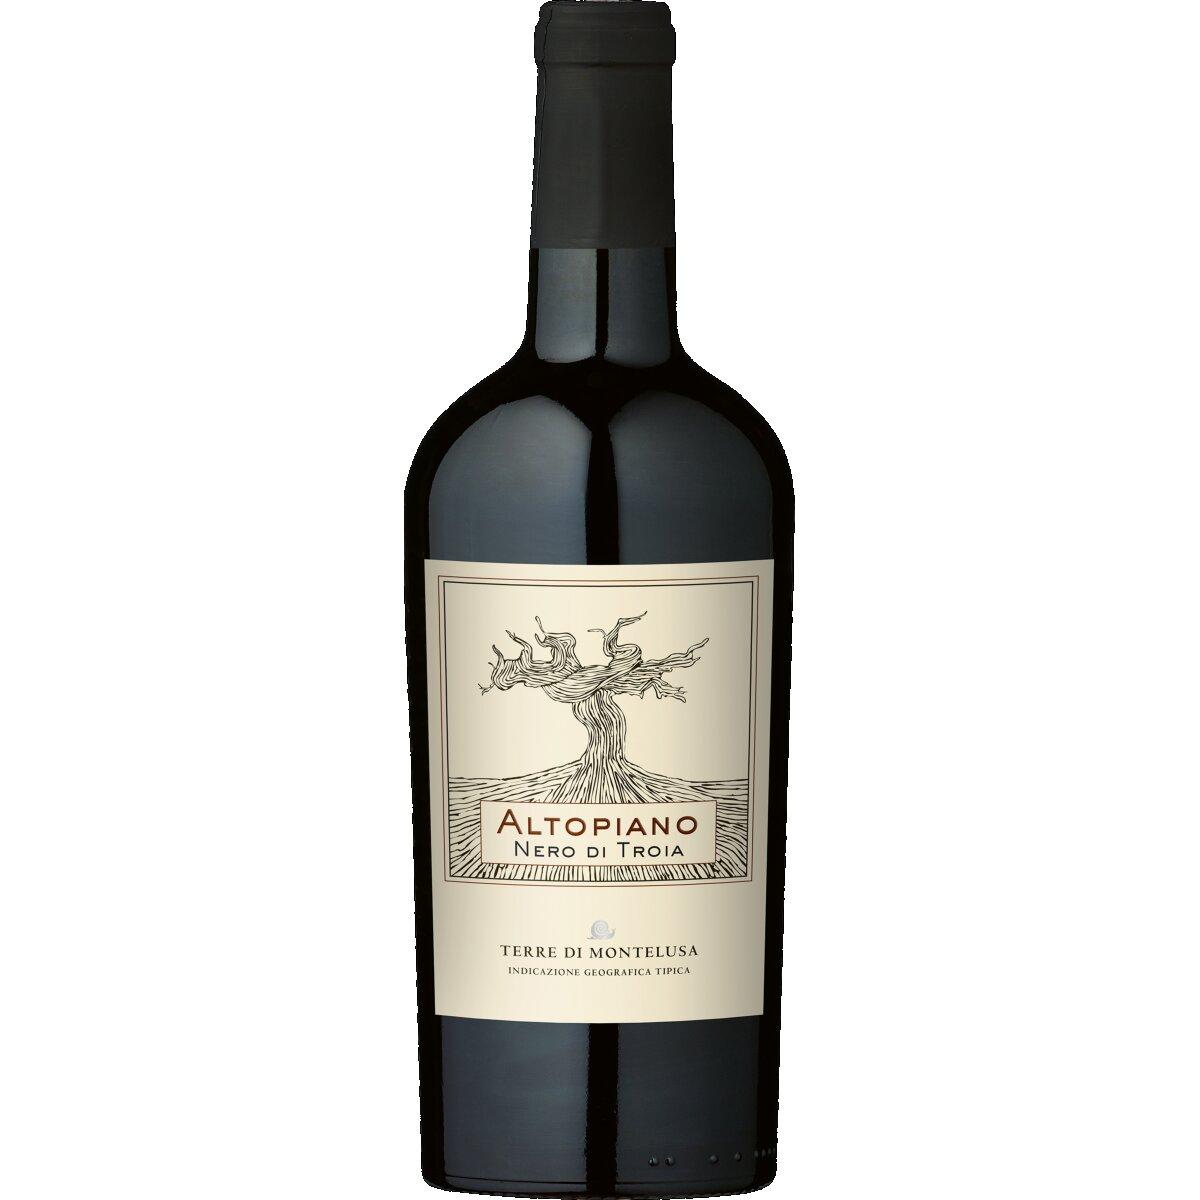 Terre di Montelusa Altopiano Nero di Troia Puglia IGT - Botter Wines - , , , ,